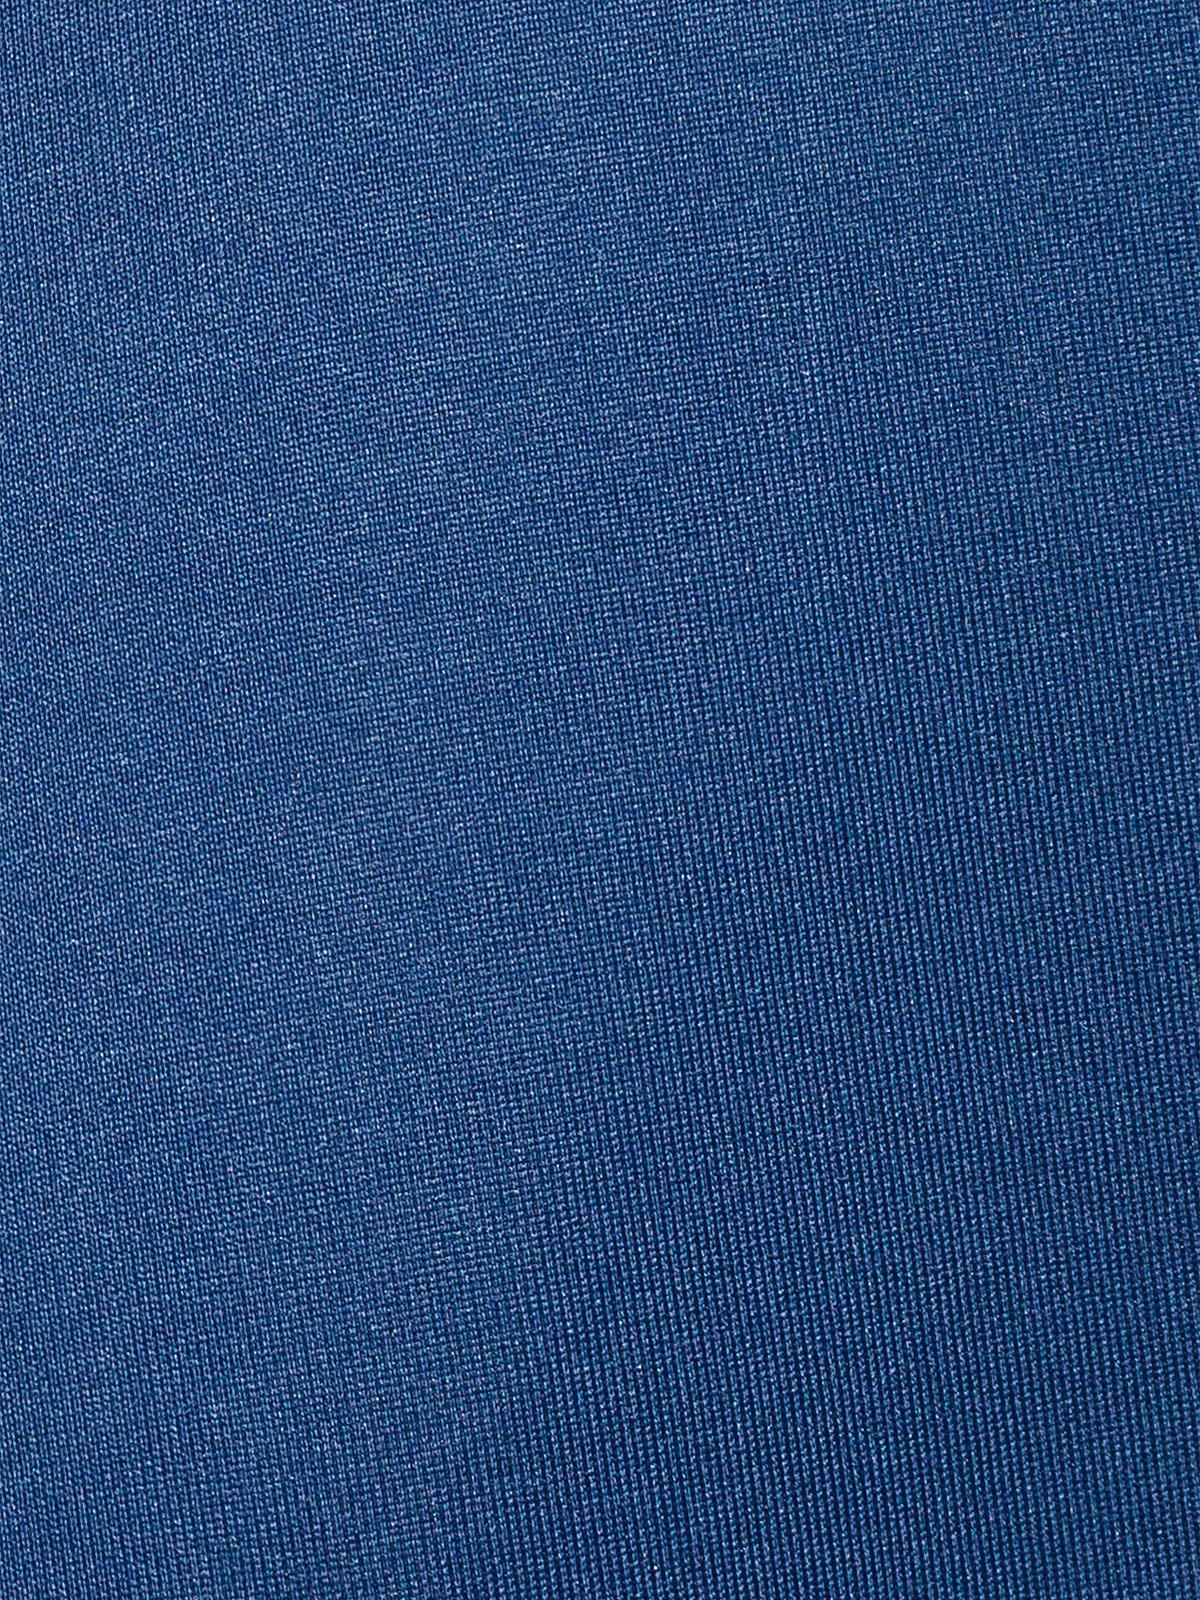 Спідниця синя | 2274053 | фото 5